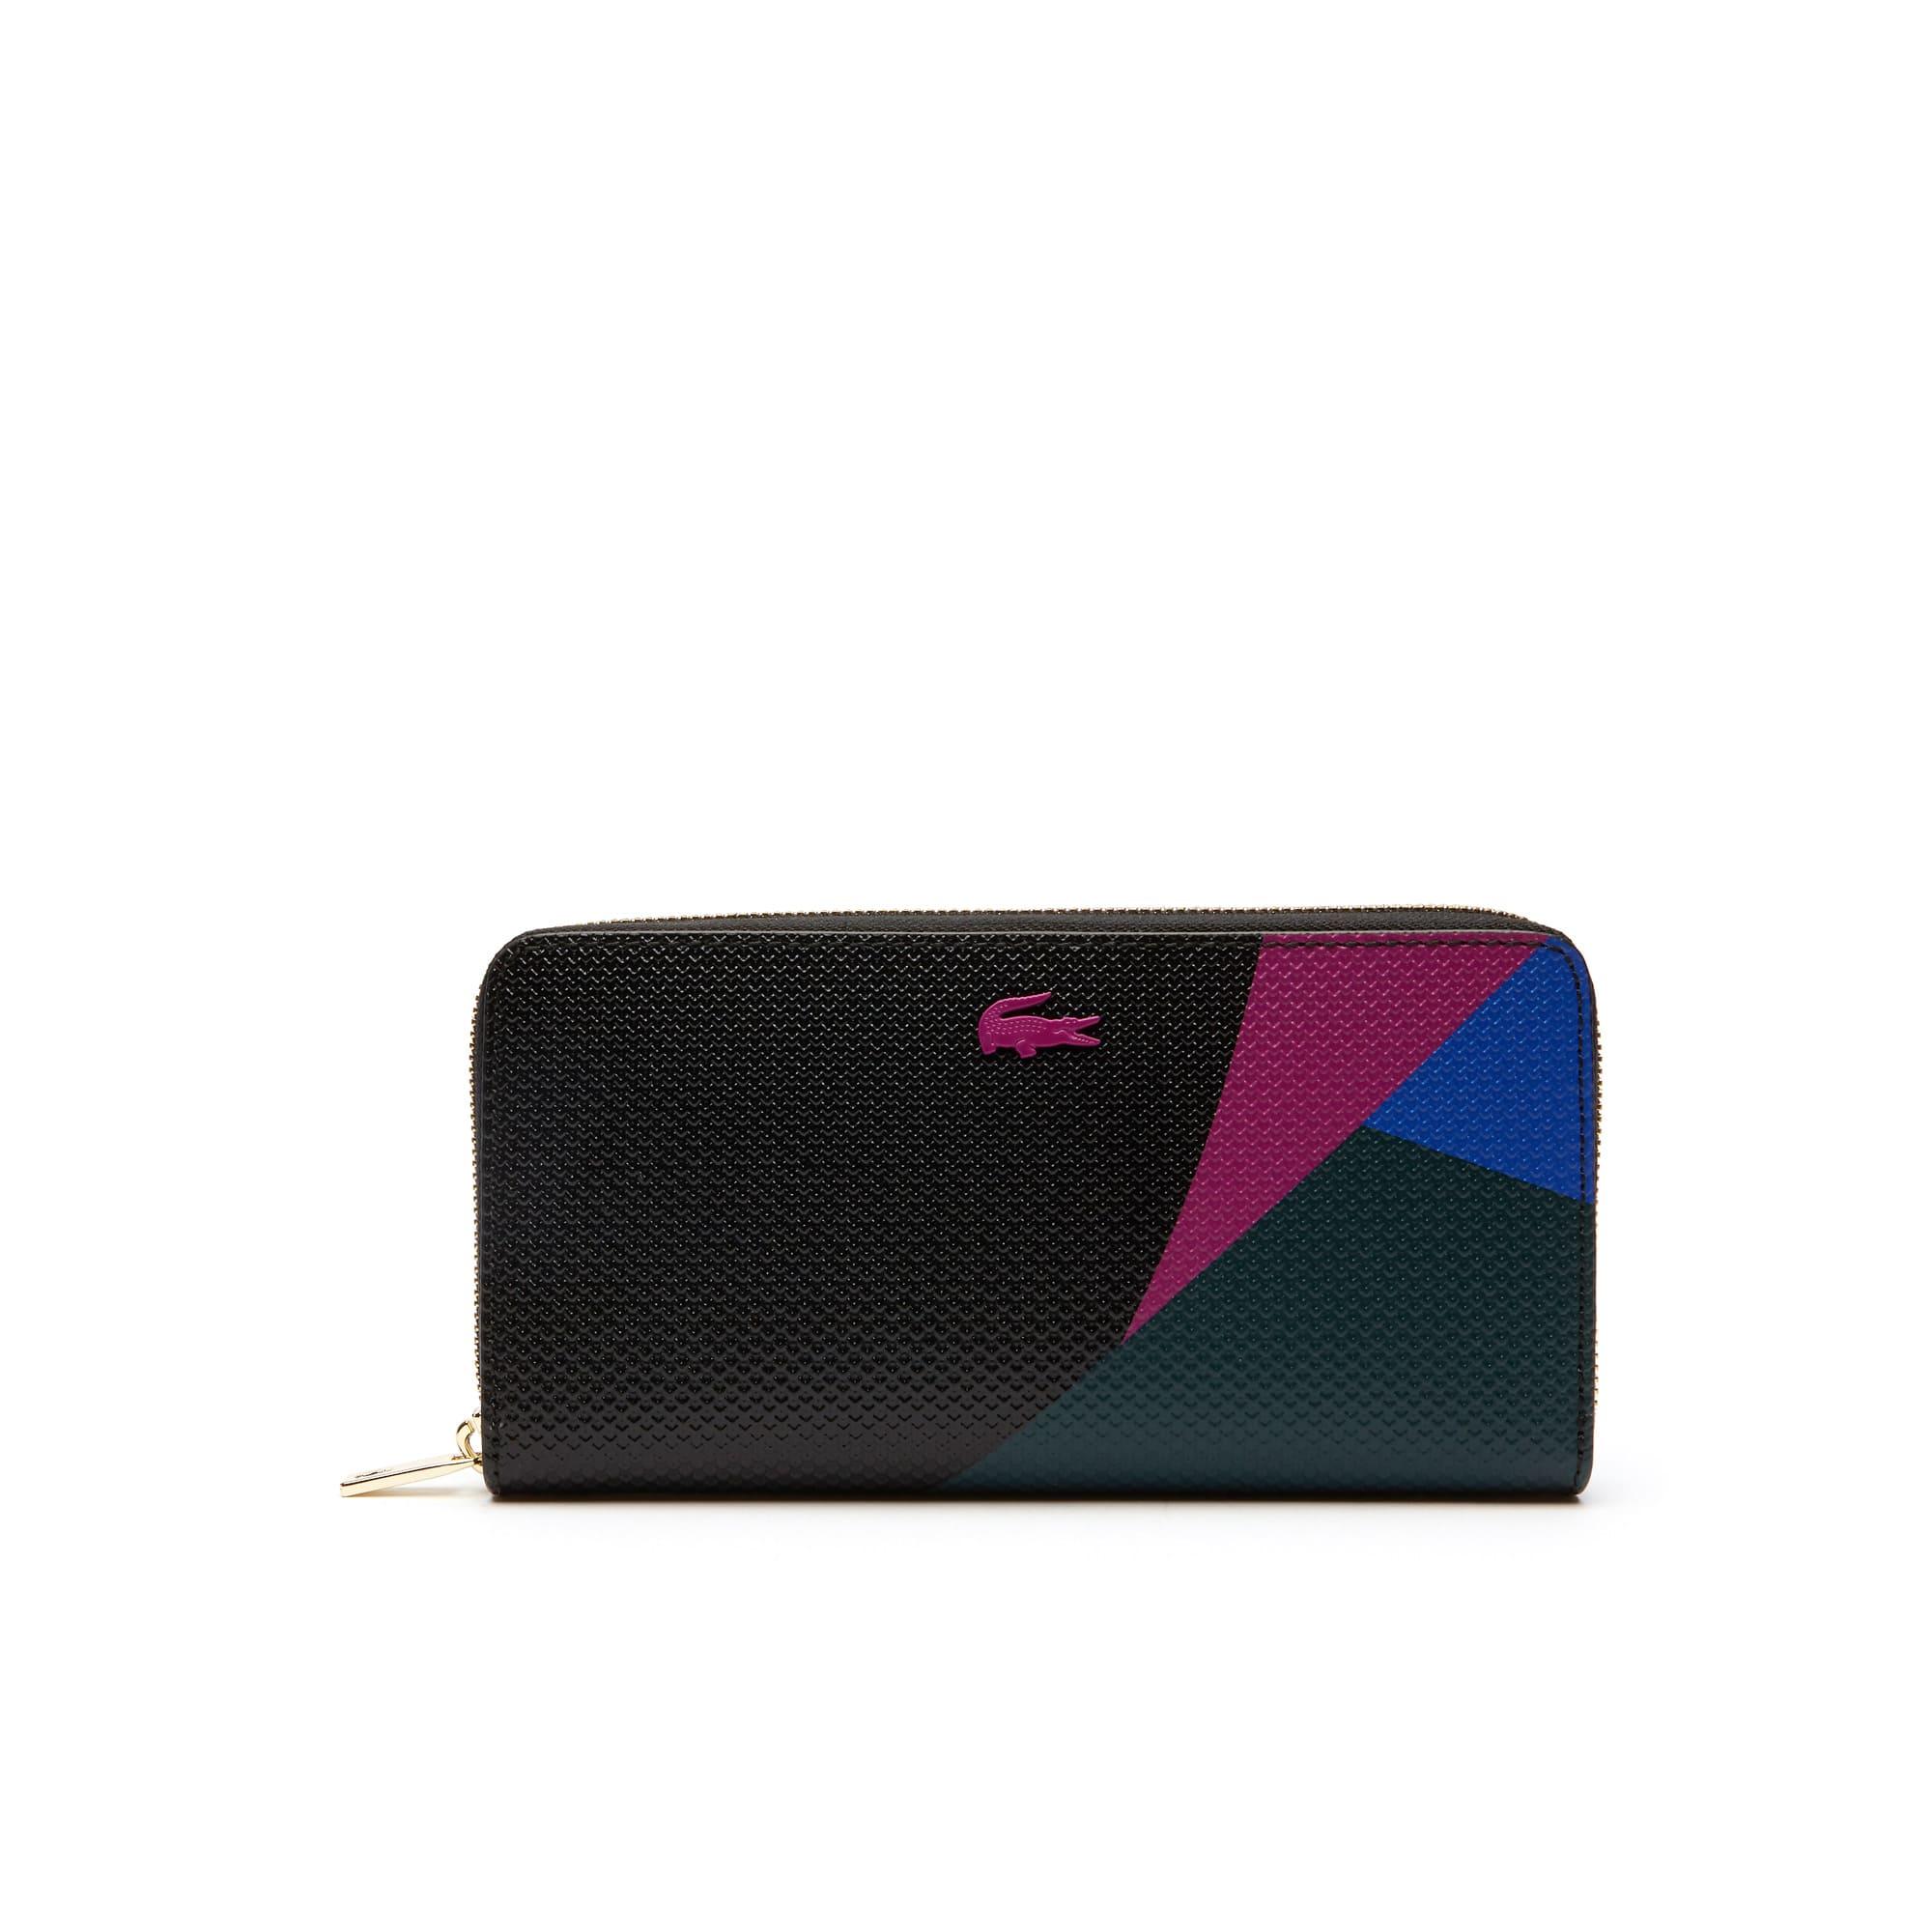 Billetera De Mujer Chantaco En Piel Con Estampado Color Block, Cremallera Y Doce Ranuras Para Tarjetas